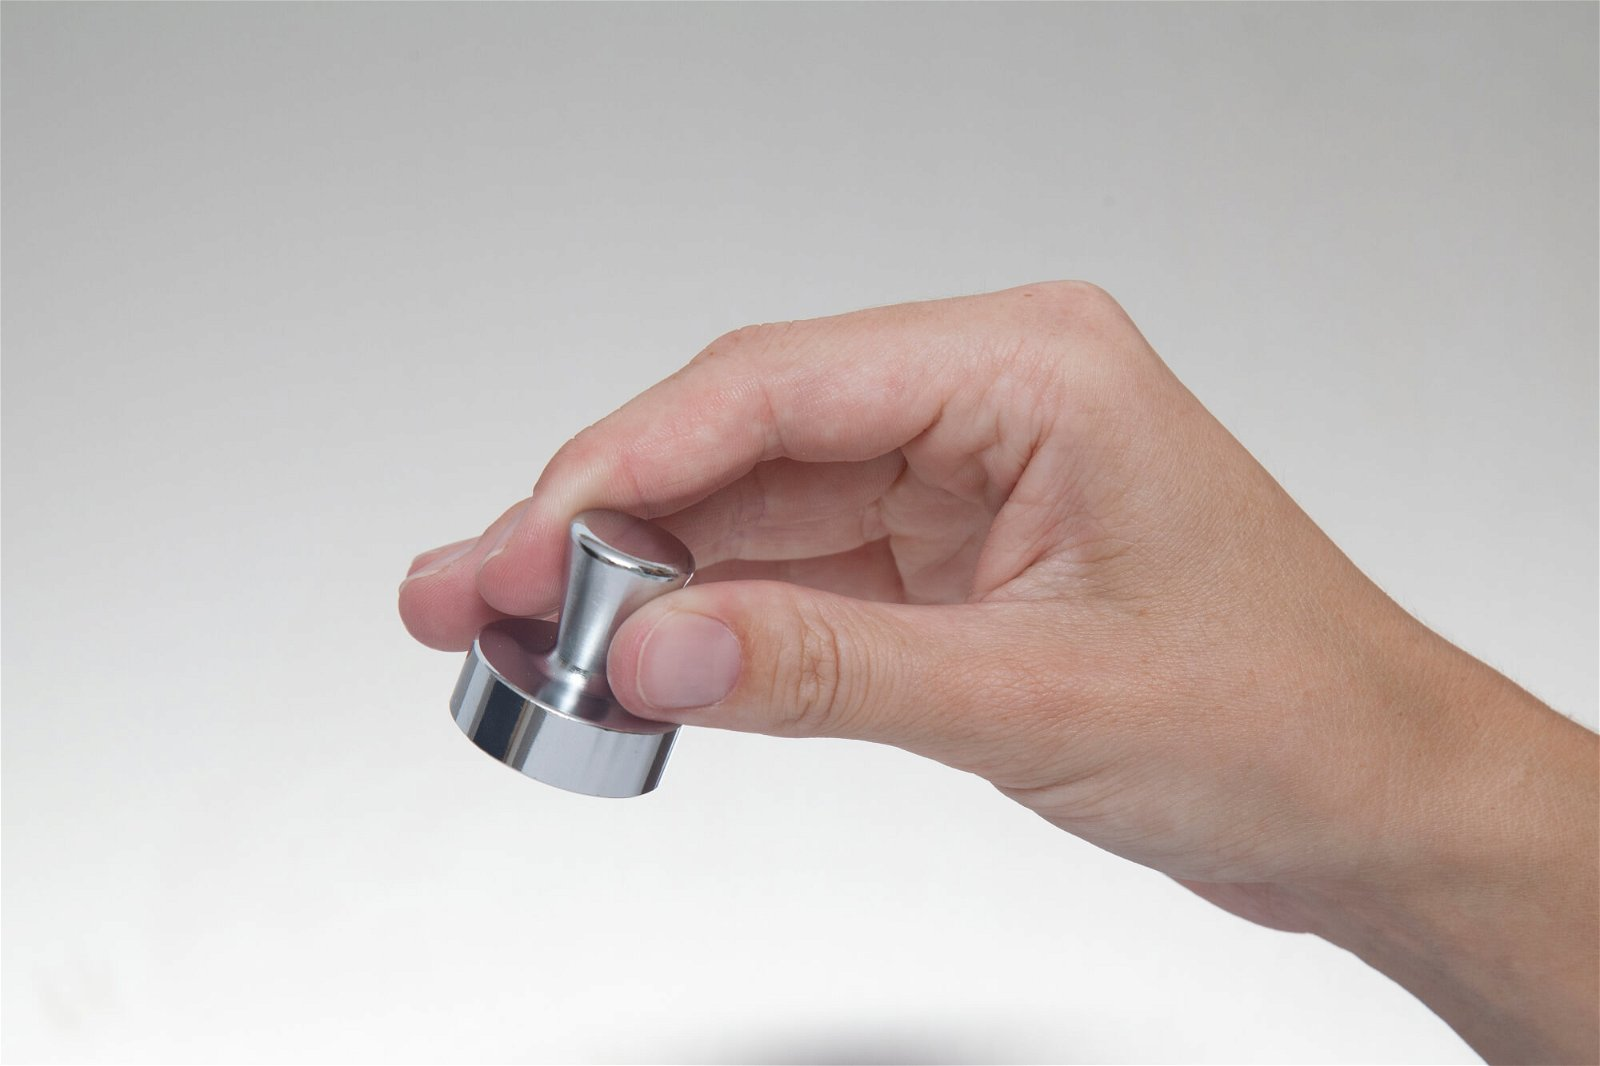 Neodym-Kegelmagnet, Ø 32 mm, 22 kg Haftkraft, 2 St./Set, hellsilber